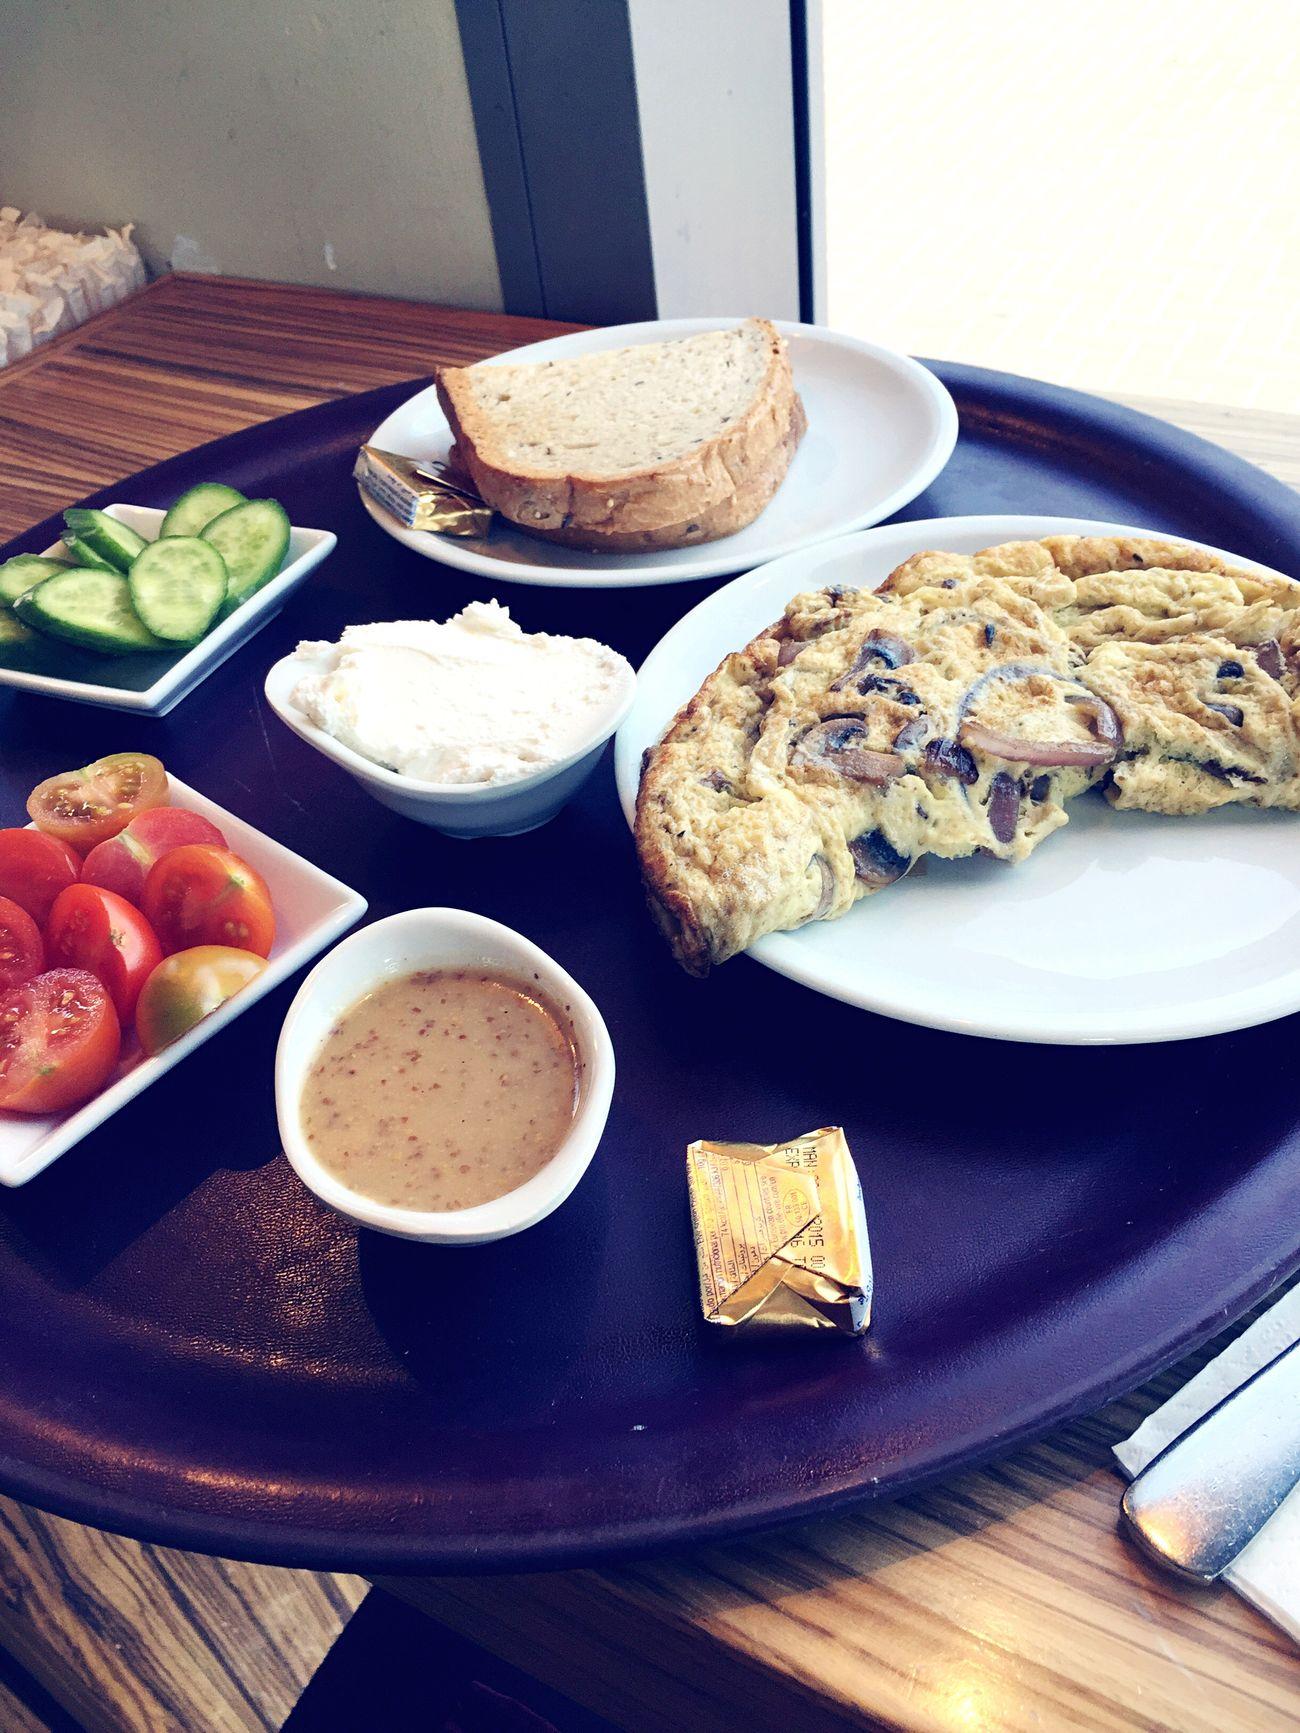 טעים טעים בוקר אלפרדו 👌🏽 Cafeneto